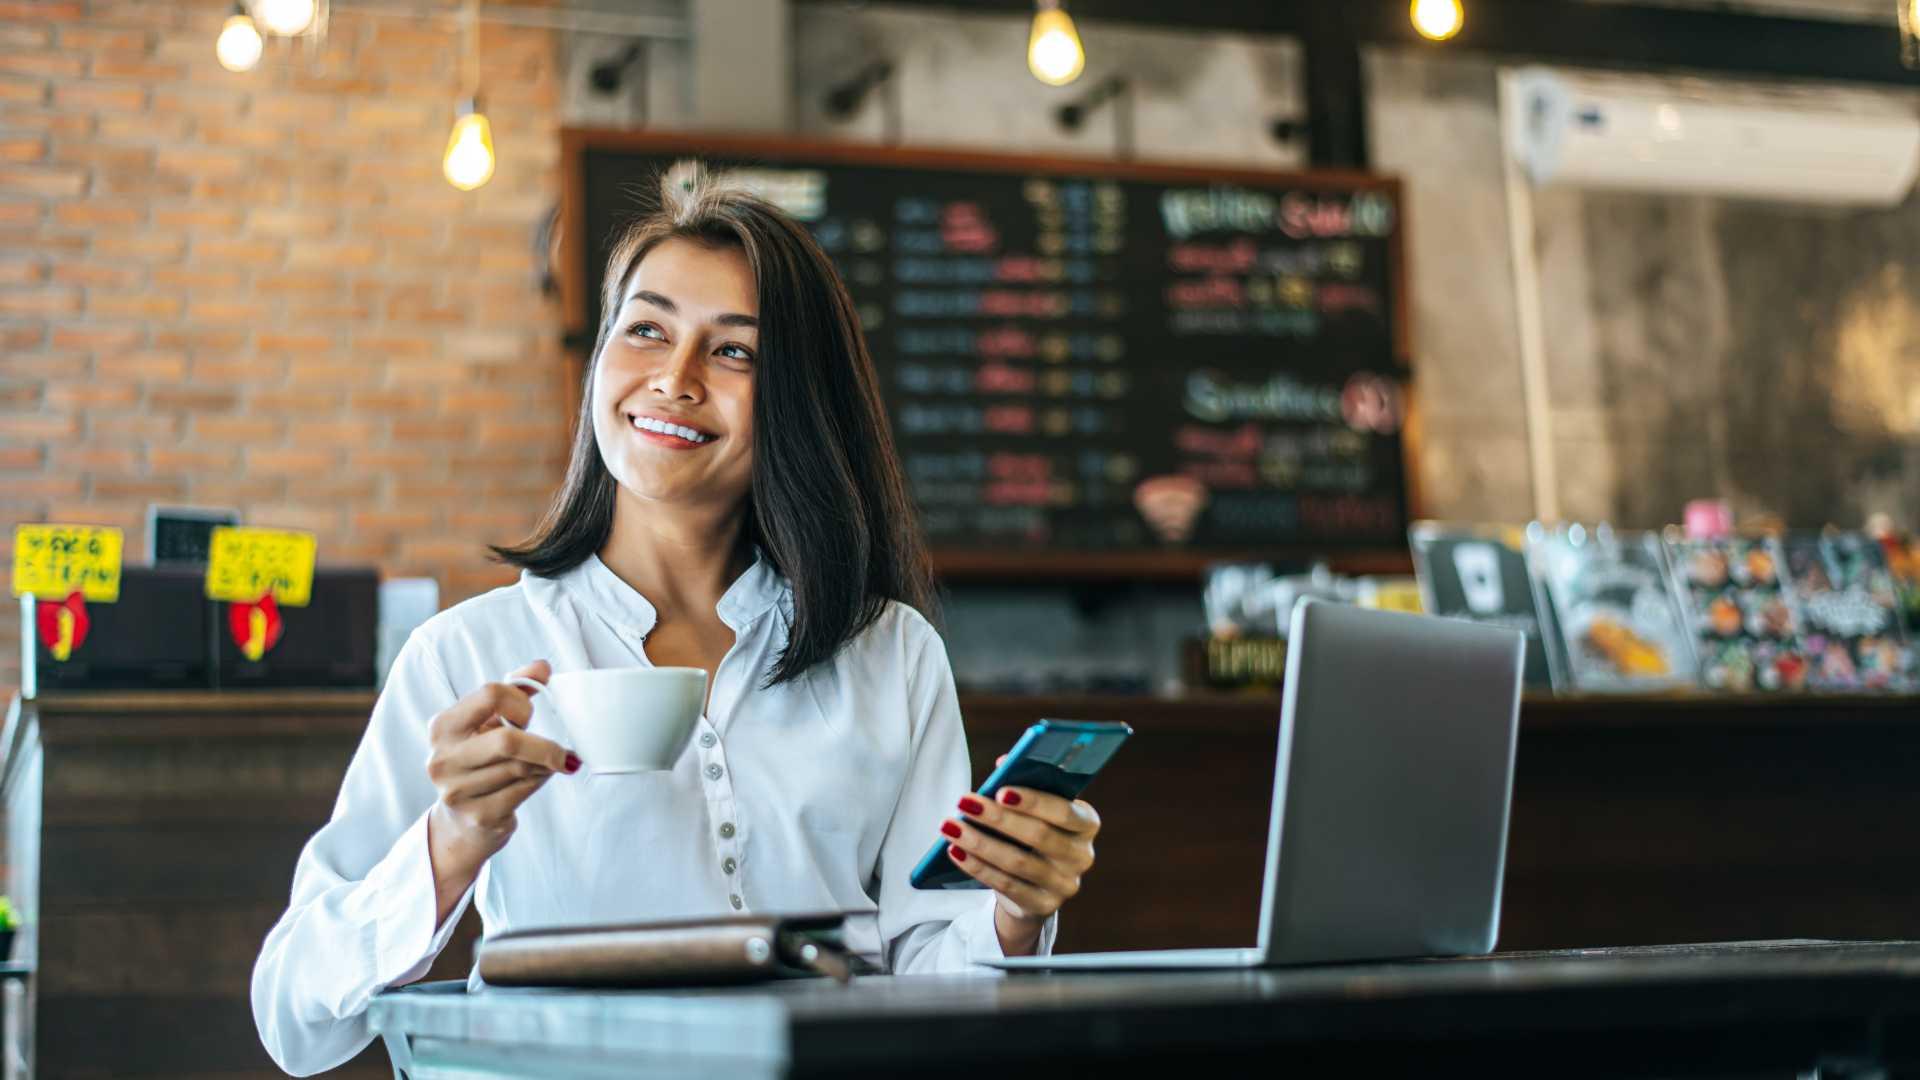 Conheça o sistema ideal para lojas de conveniência que vai revolucionar sua empresa